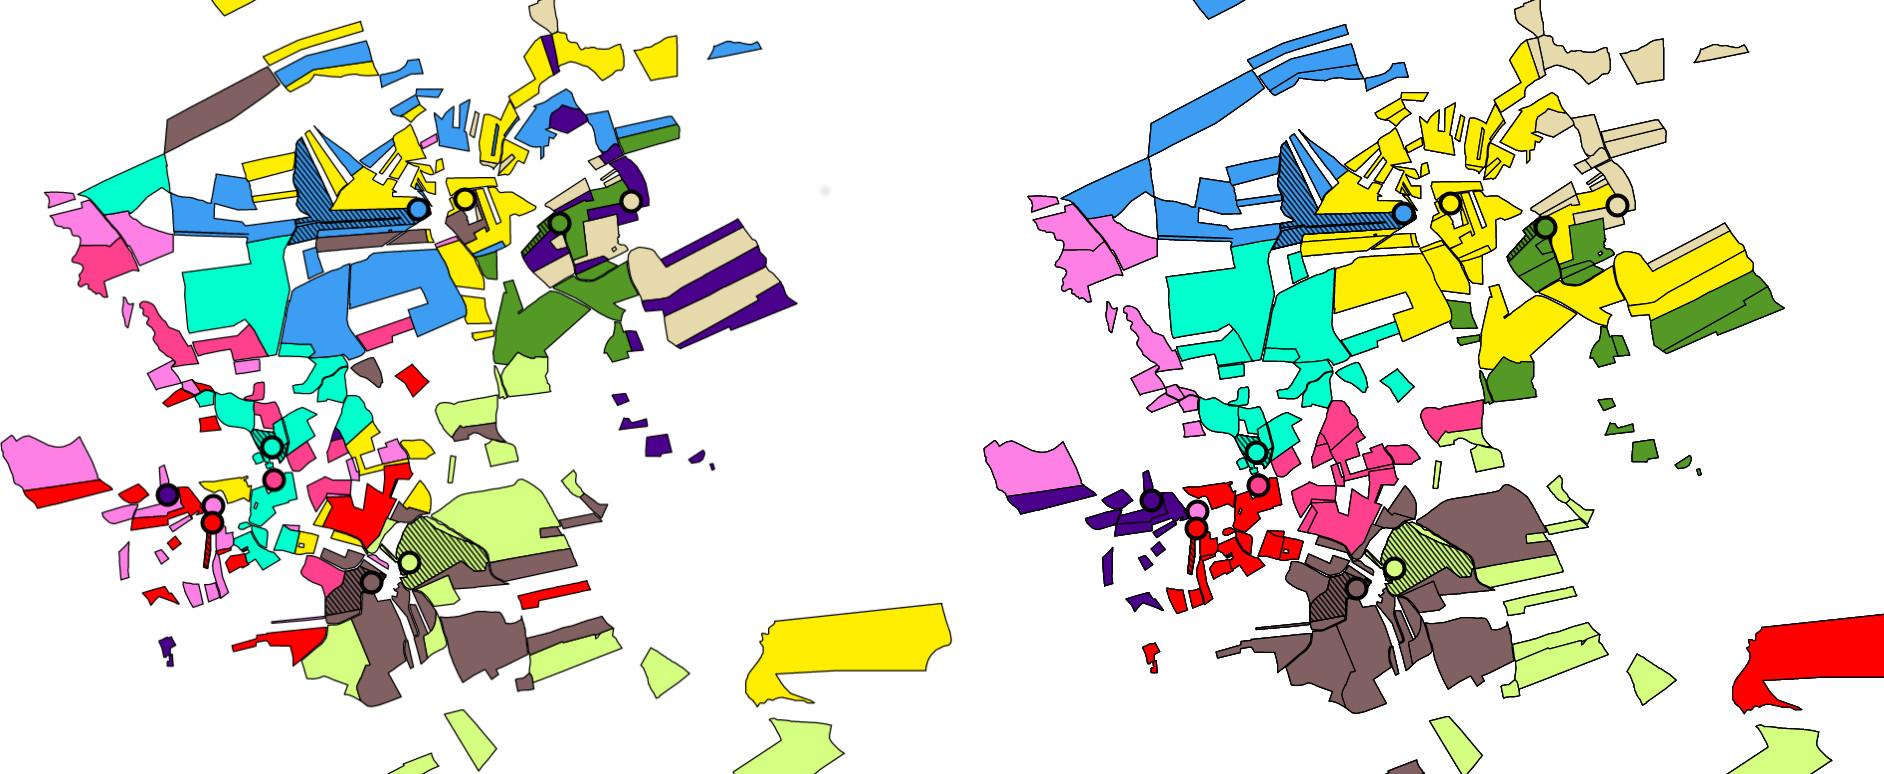 Investigadores galegos poñen en marcha unha innovadora aplicación informática para agrupar parcelas